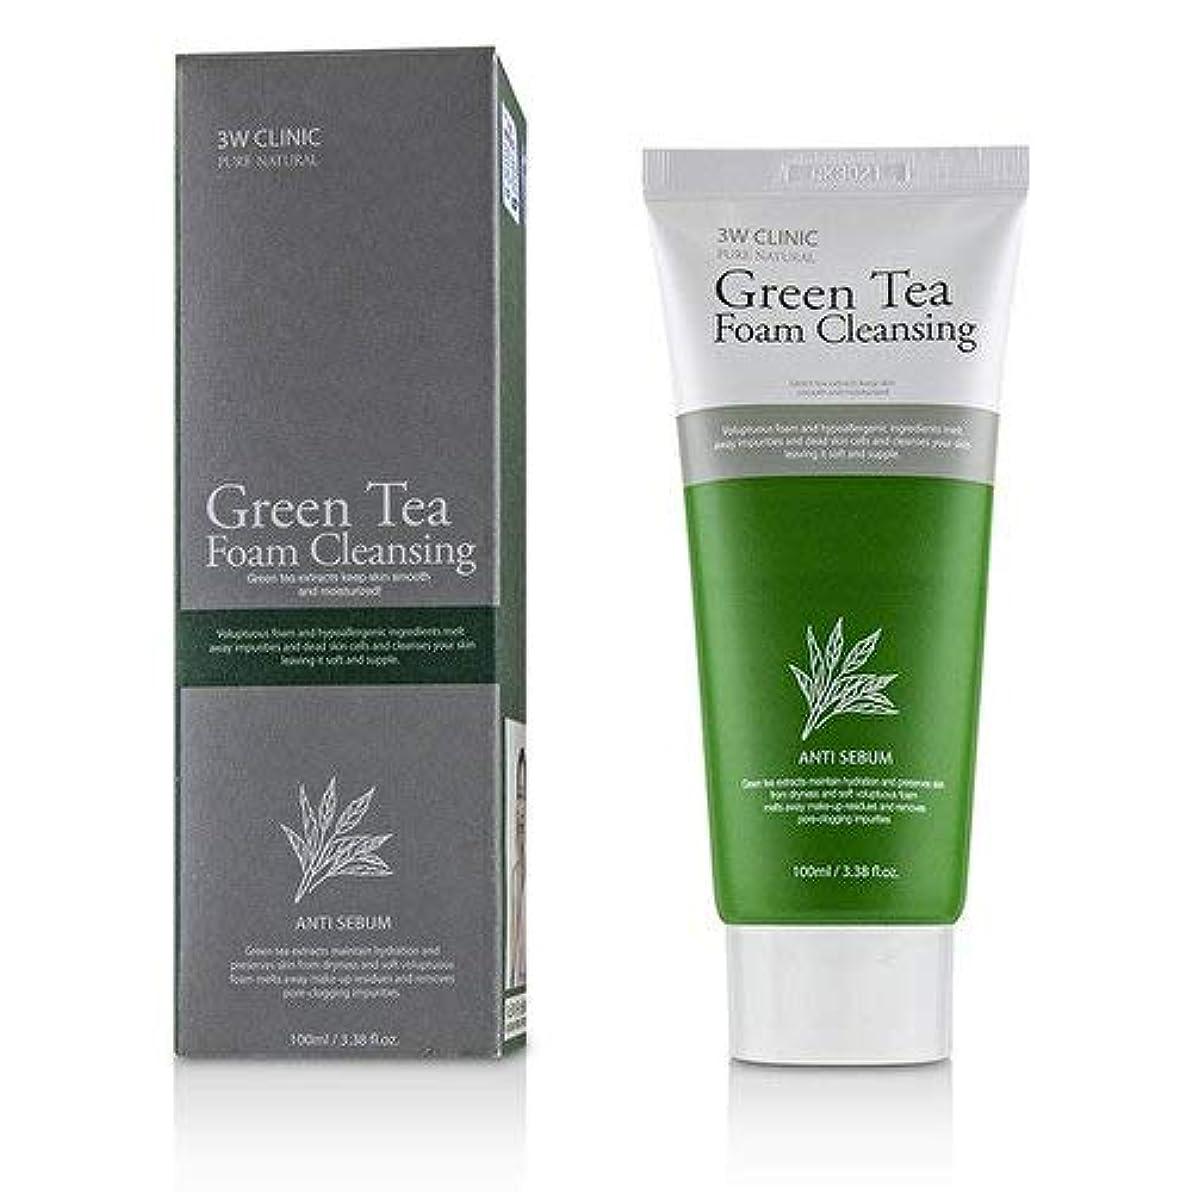 炎上不完全な類推3Wクリニック Green Tea Foam Cleansing 100ml/3.38oz並行輸入品